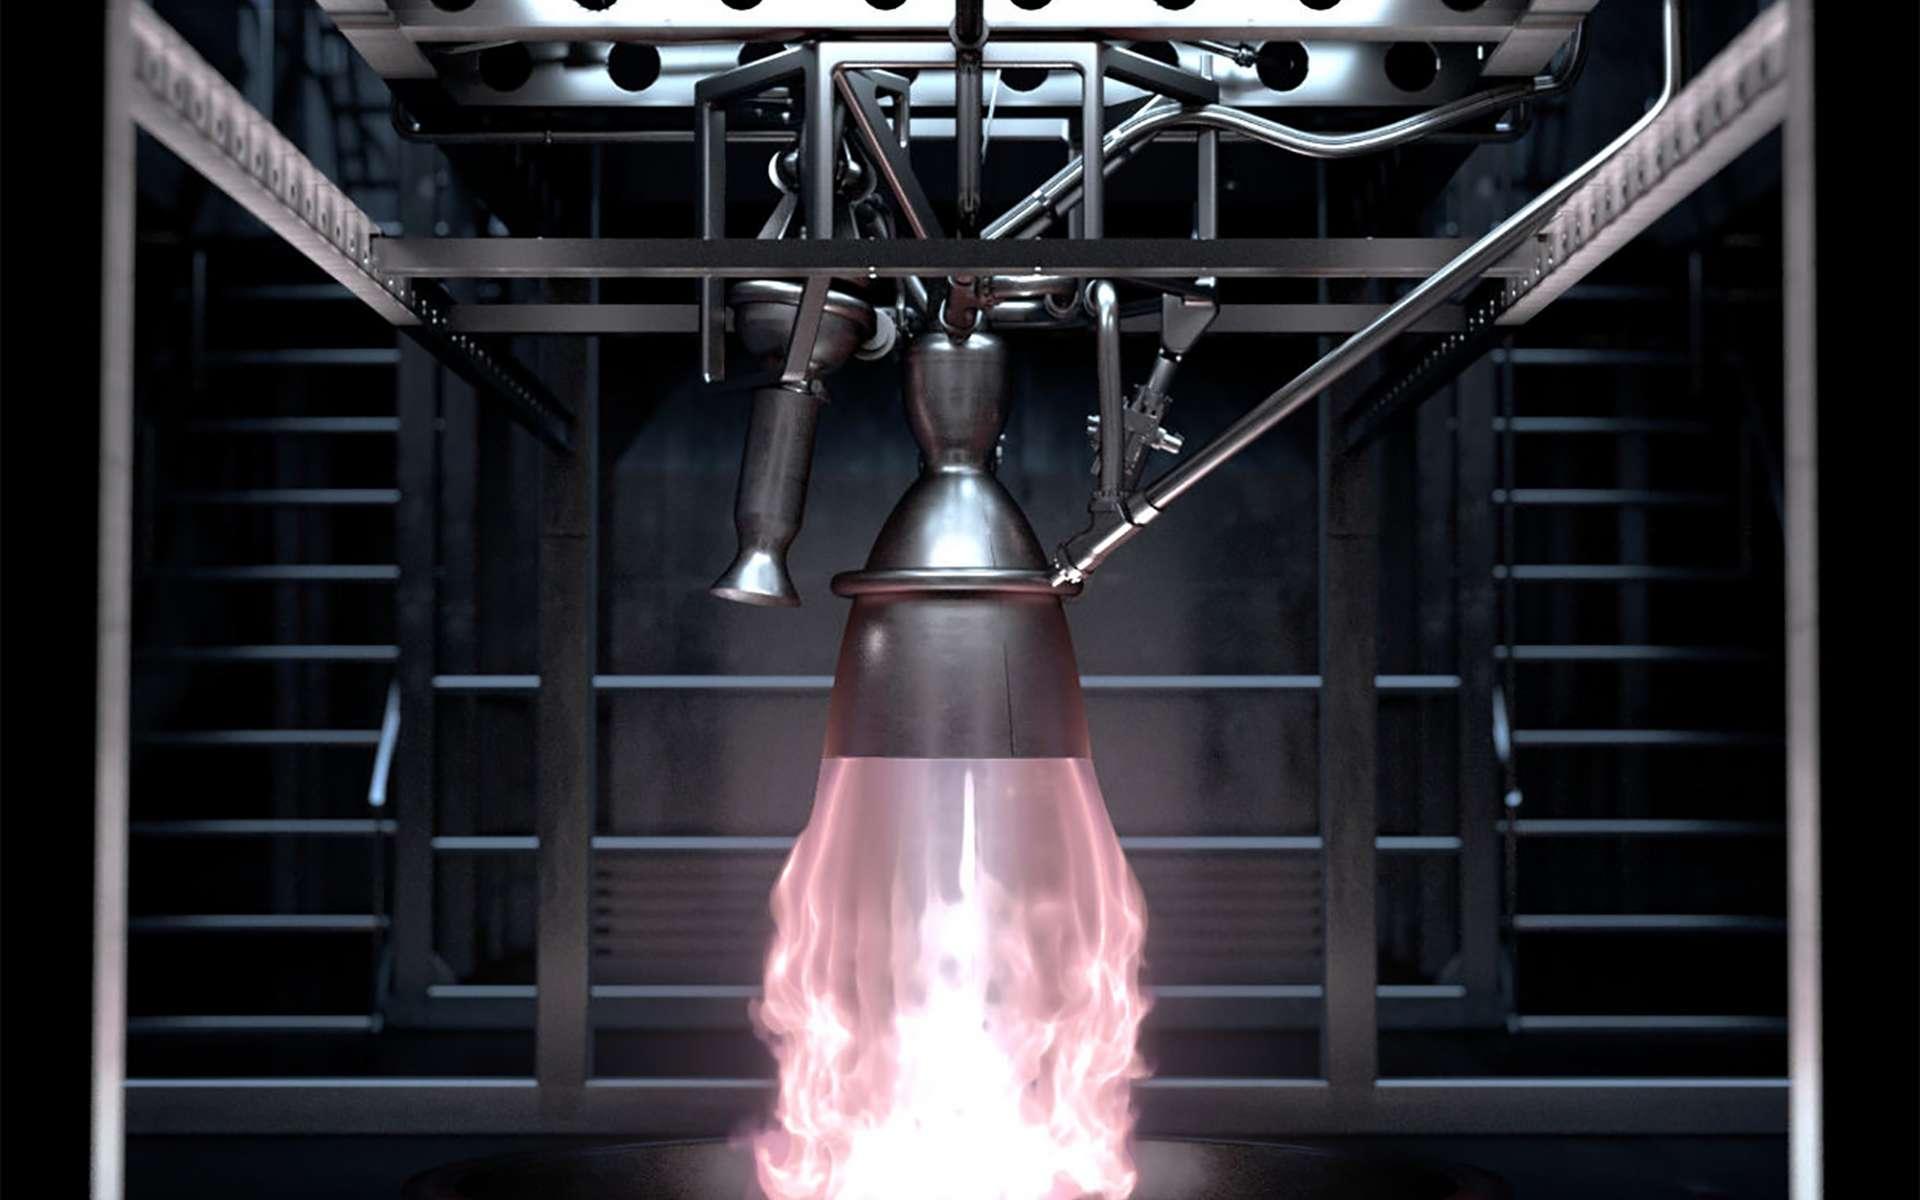 Le démonstrateur Prometheus est le précurseur des futurs moteurs des lanceurs européens à l'horizon 2030. © Cnes, Blackbear